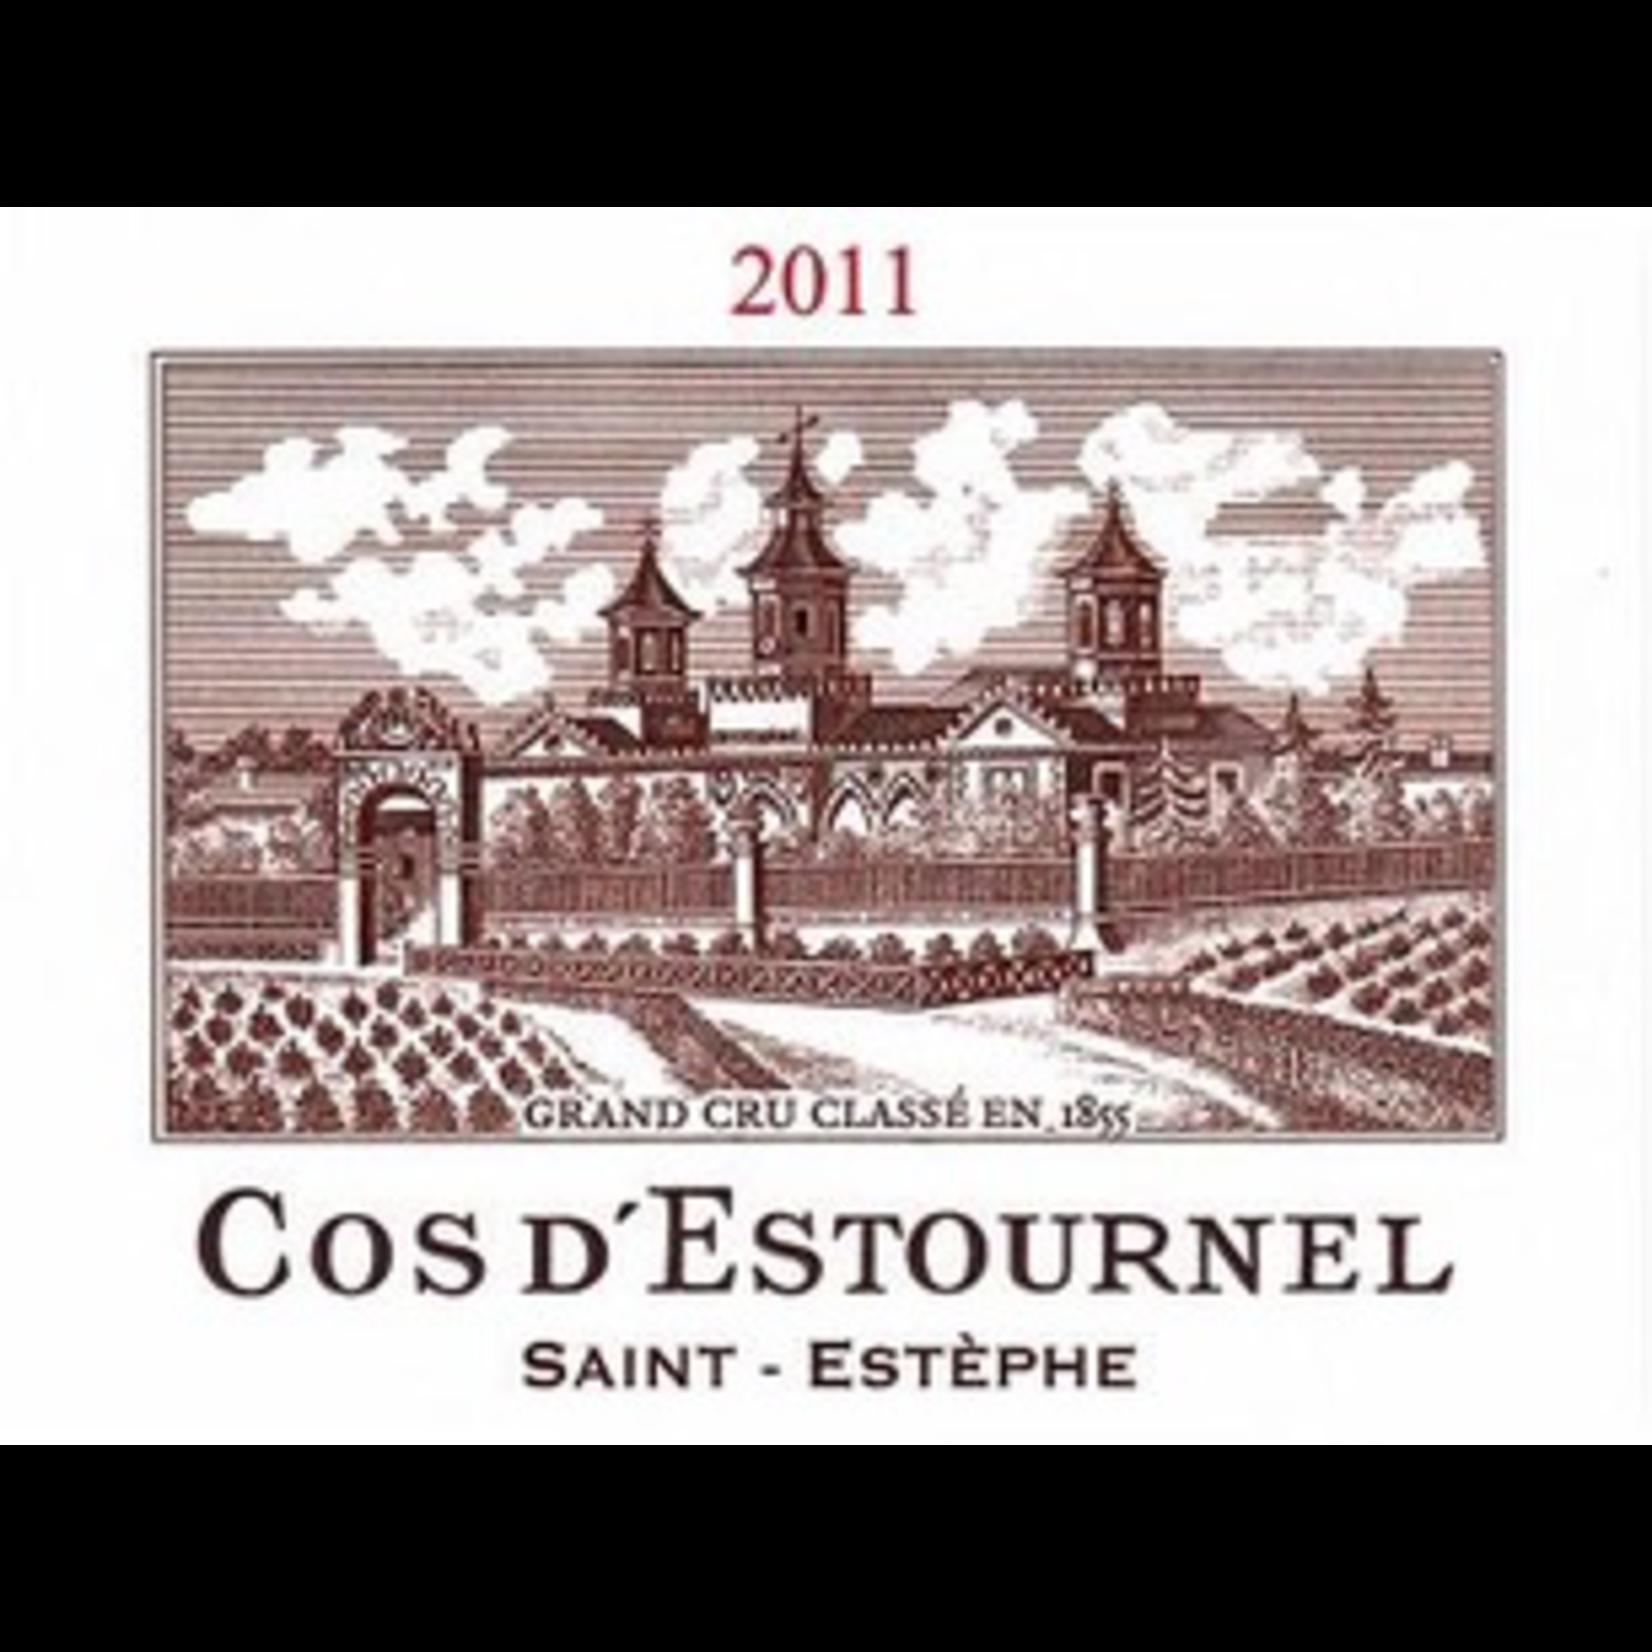 Wine Cos d'Estournel 2011